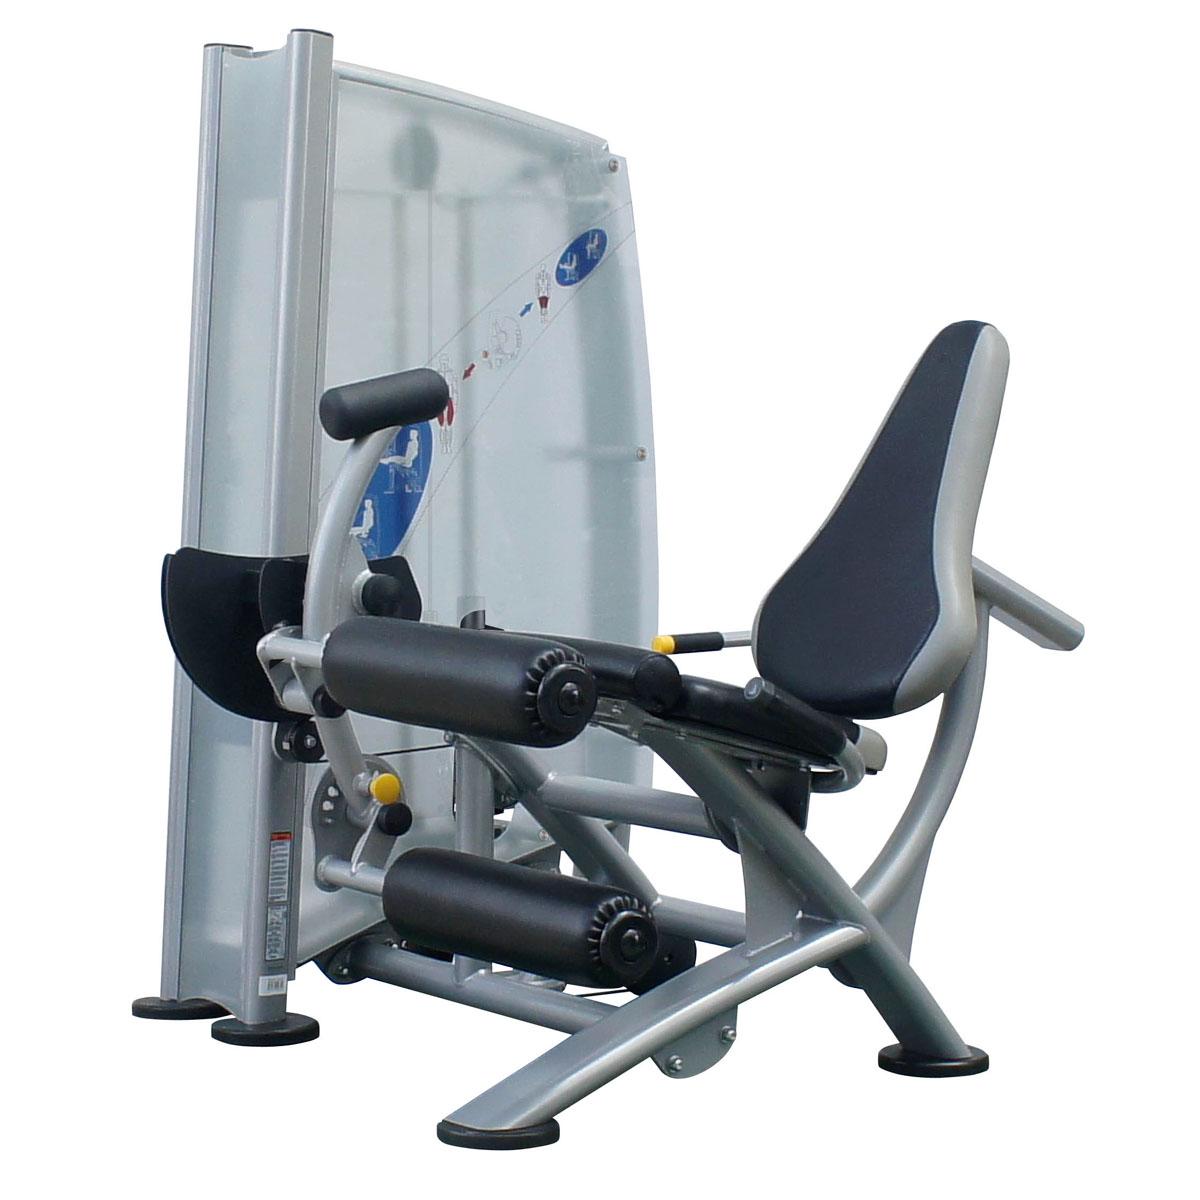 大腿曲伸/大腿伸展训练器T6-6506